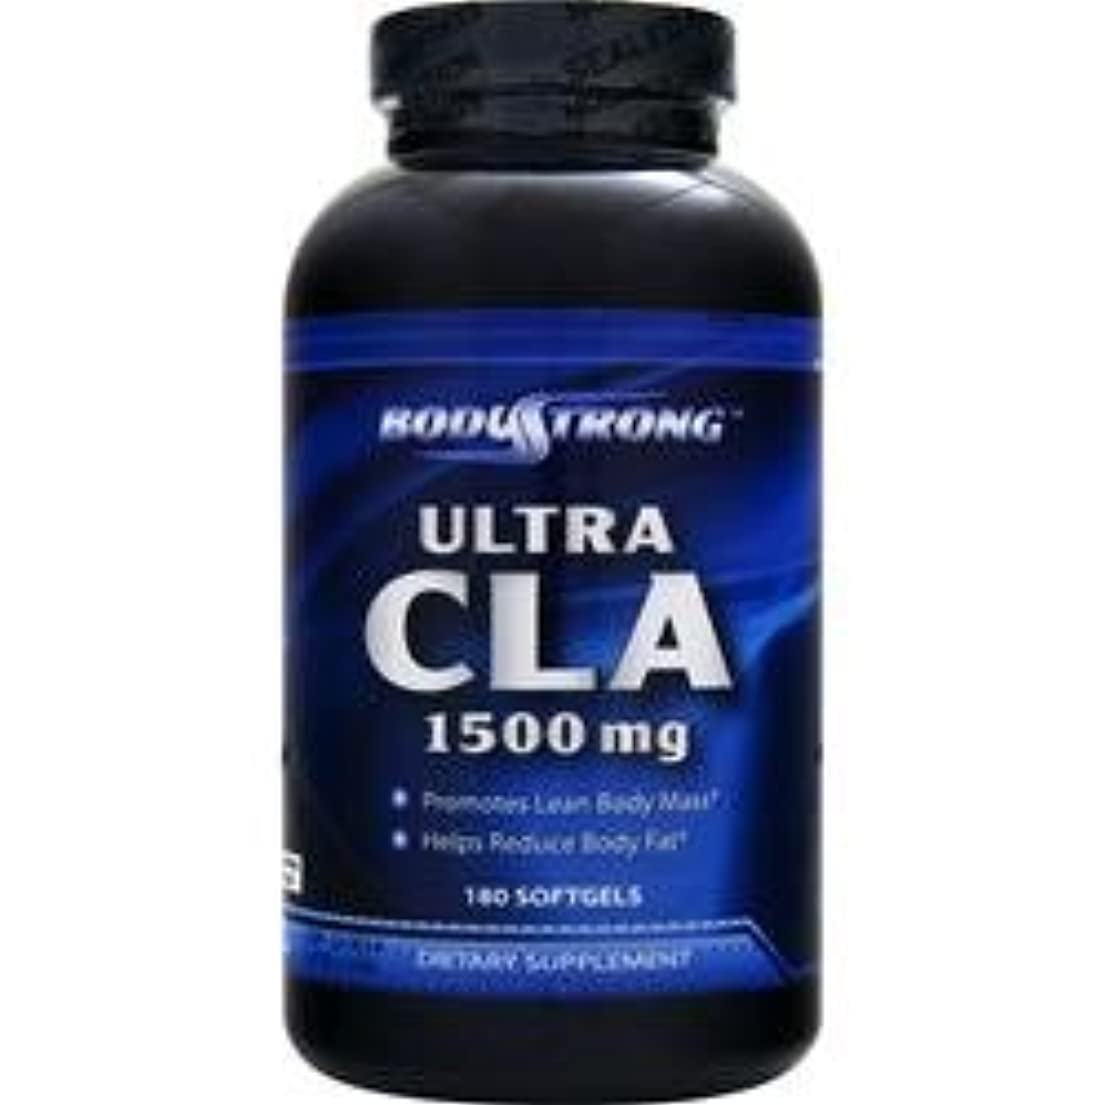 謎めいた日曜日リングレットBodyStrong ウルトラCLA 1500mg (Ultra CLA) (180ソフトジェル)